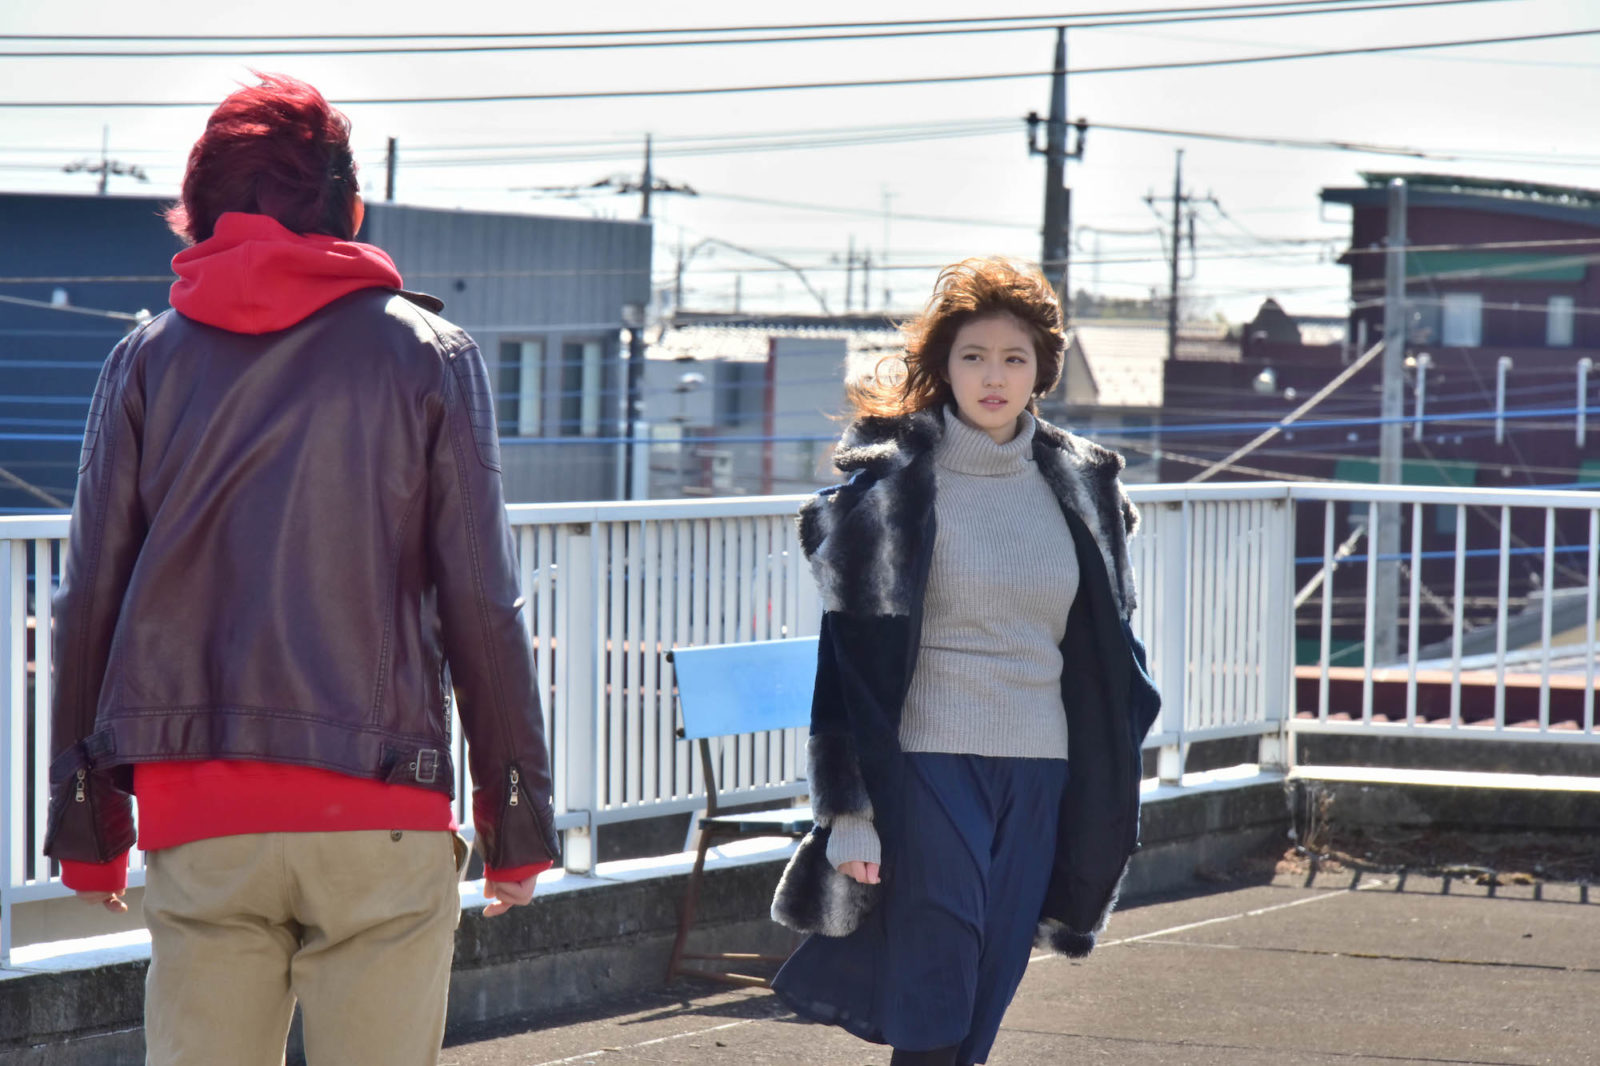 映画・ドラマで活躍!人気急上昇中の今田美桜が仕事とこれからについて語る「もっともっといろんな役に挑戦していきたい」【インタビュー】画像48918